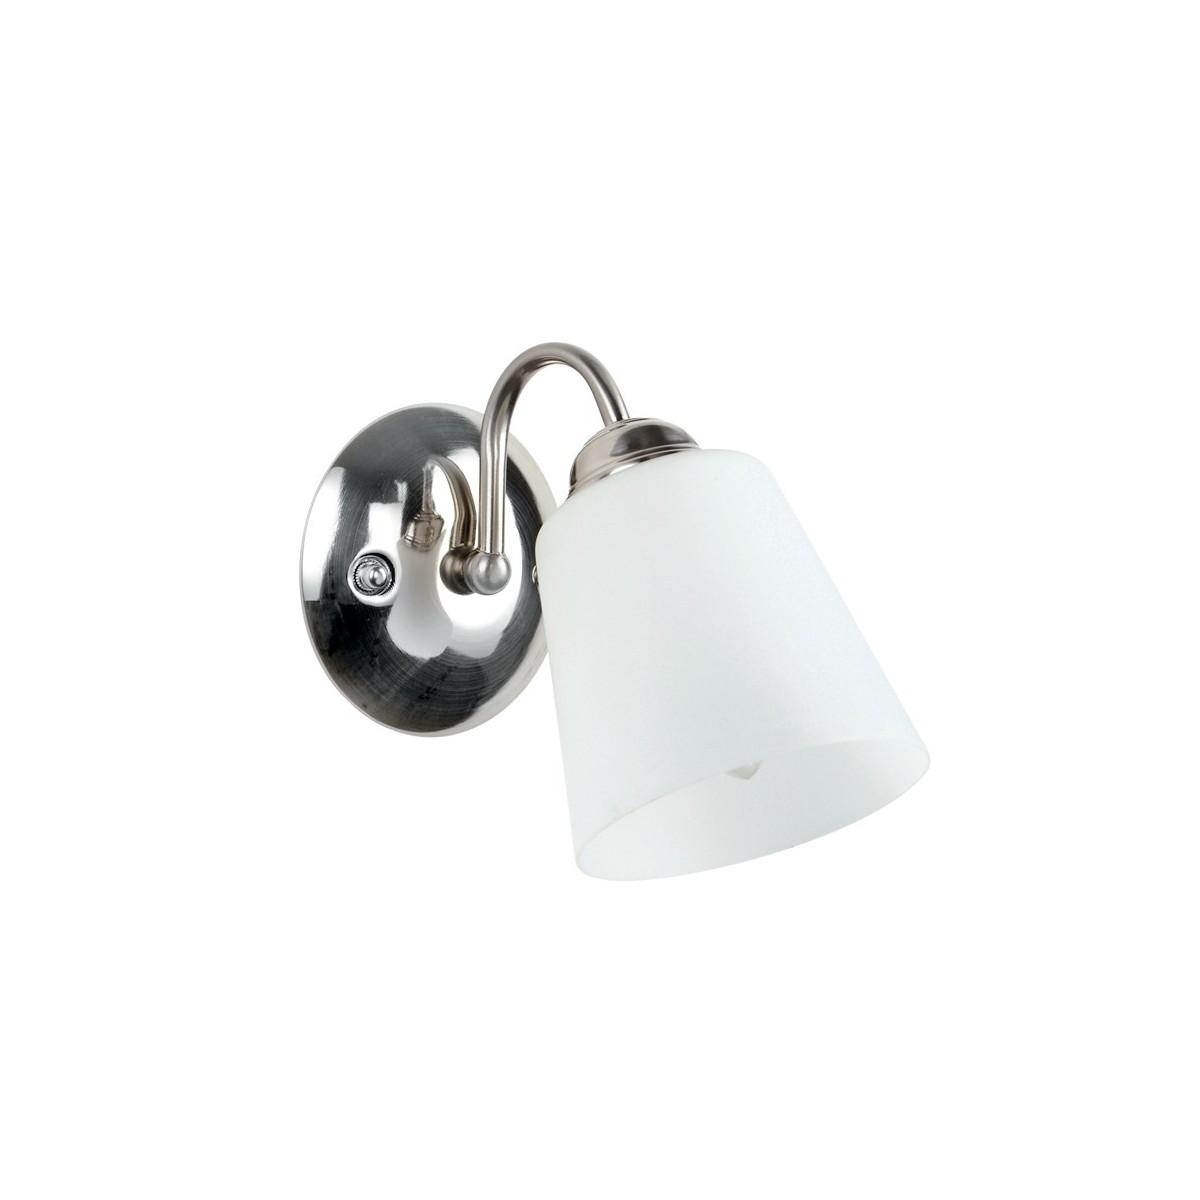 Lampade Da Parete Con Braccio i-1162/ap nik - applique nickel con braccio dalla linea morbida 40 watt e14